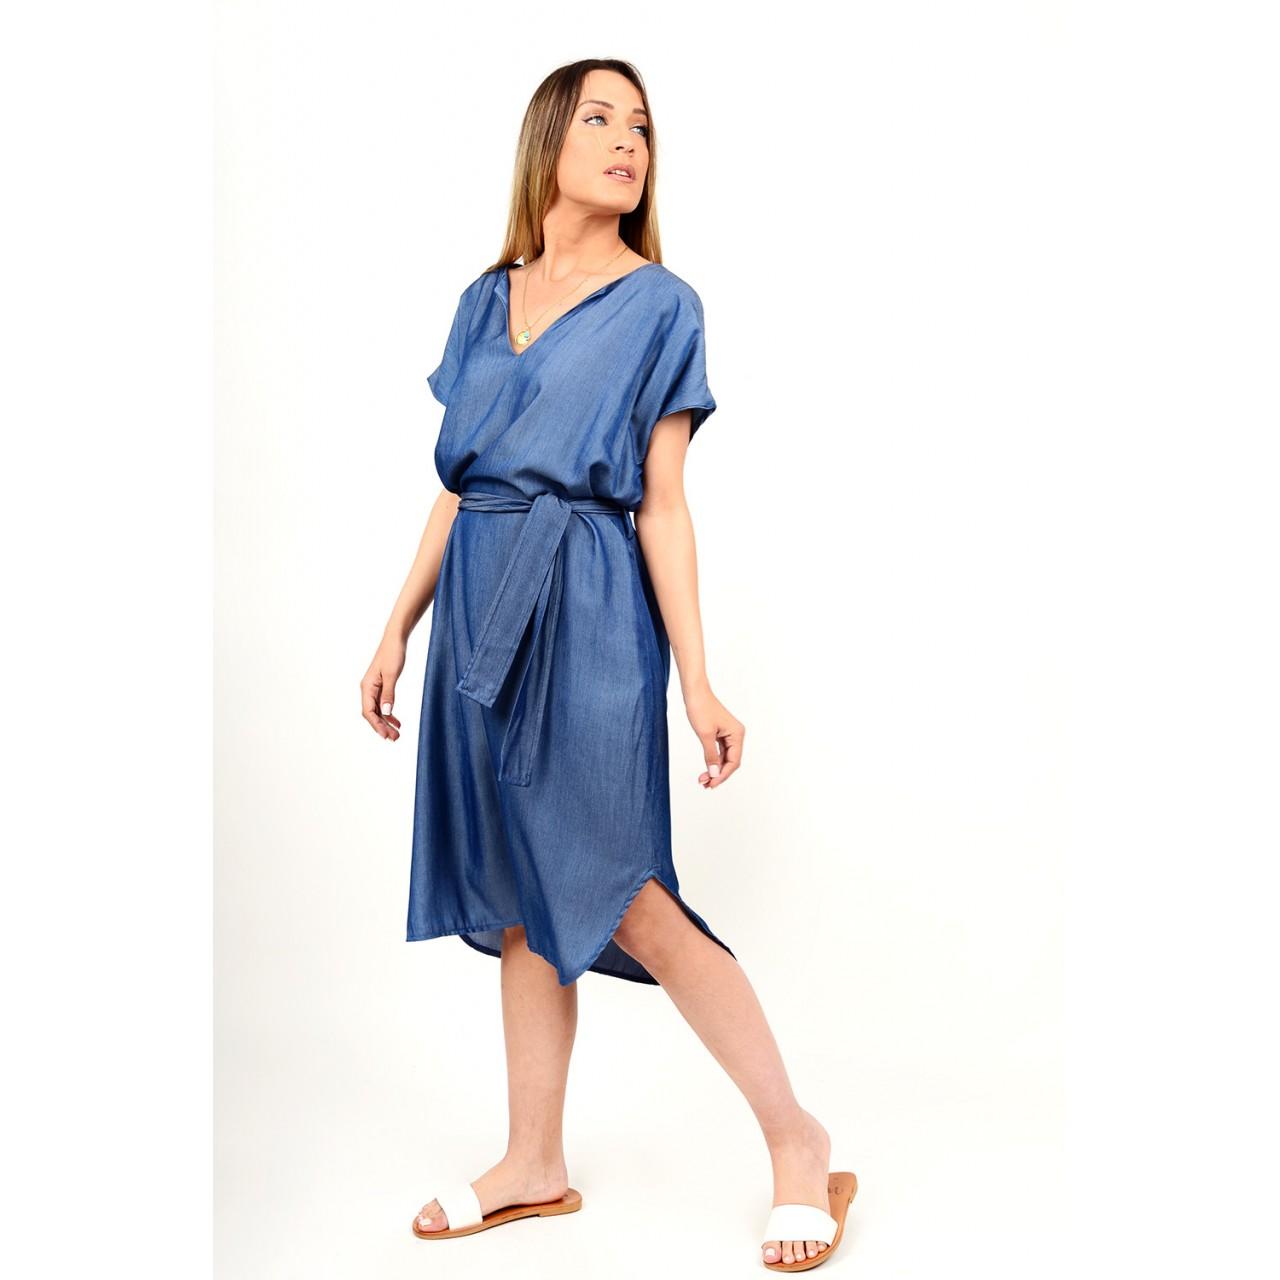 Midi jean dress with belt